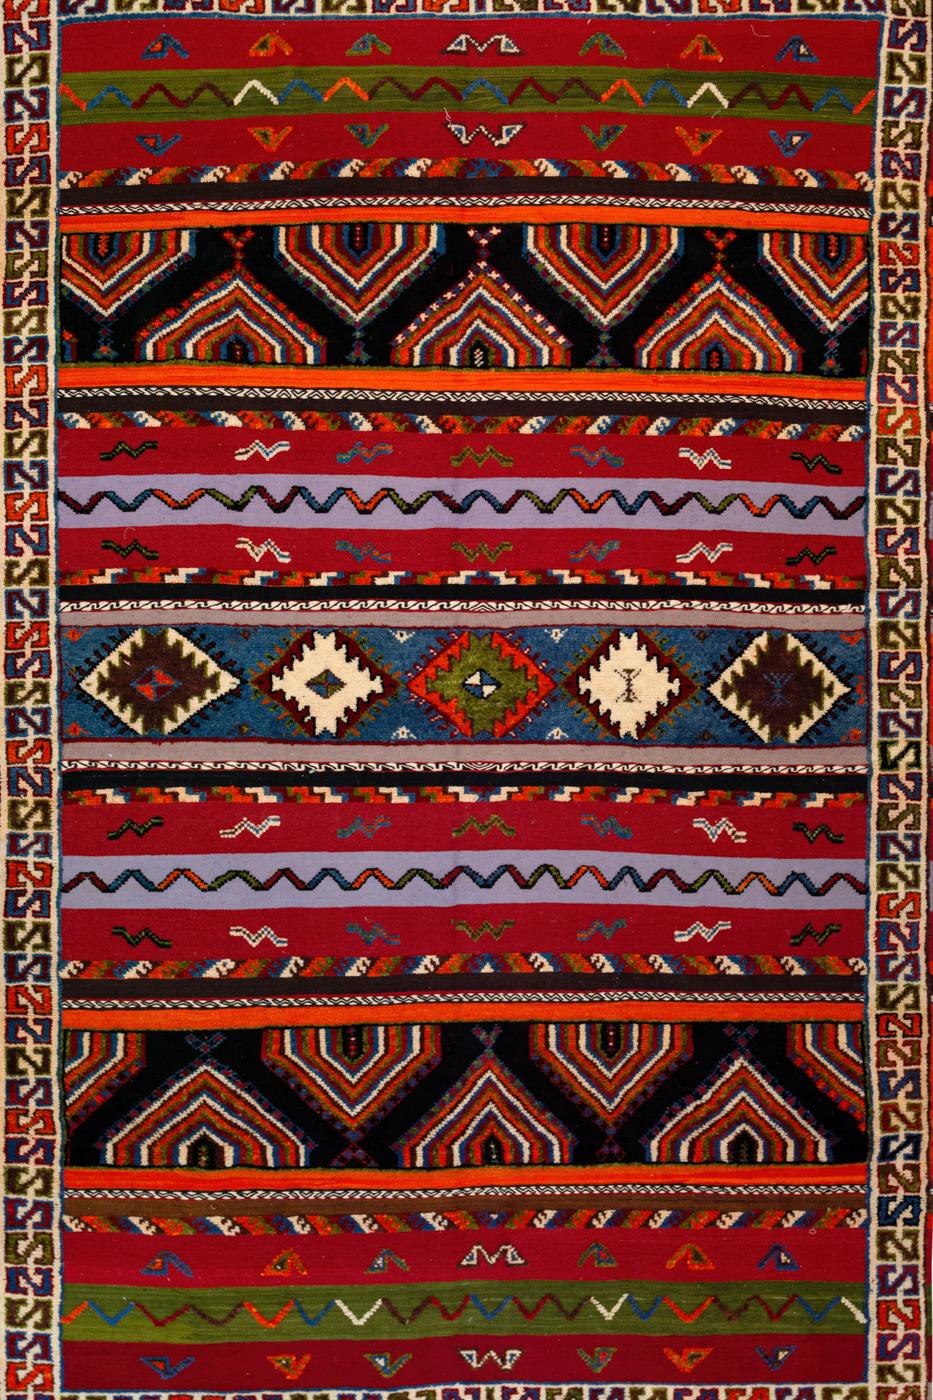 Alfombra Bereber Marroquí con patrones tribales multicolor